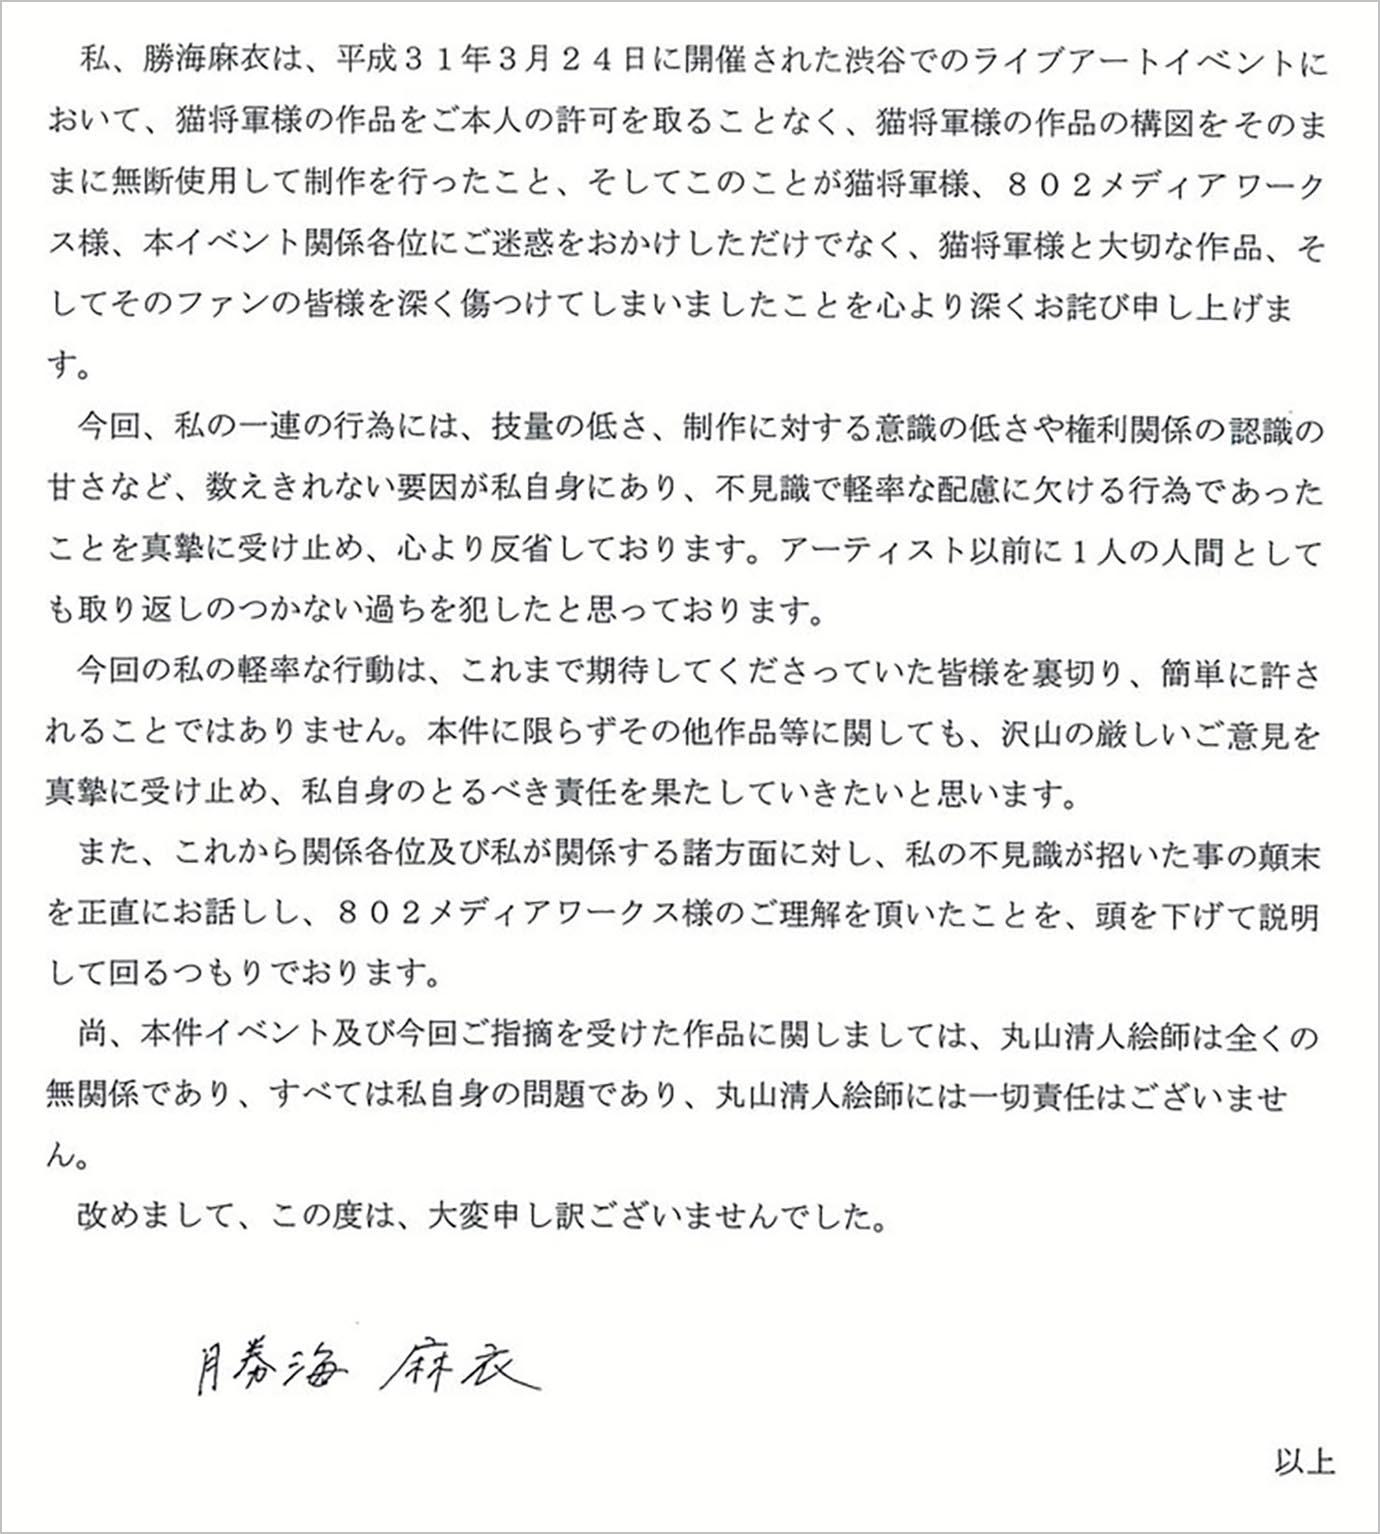 katsuumi-mai-shazai1